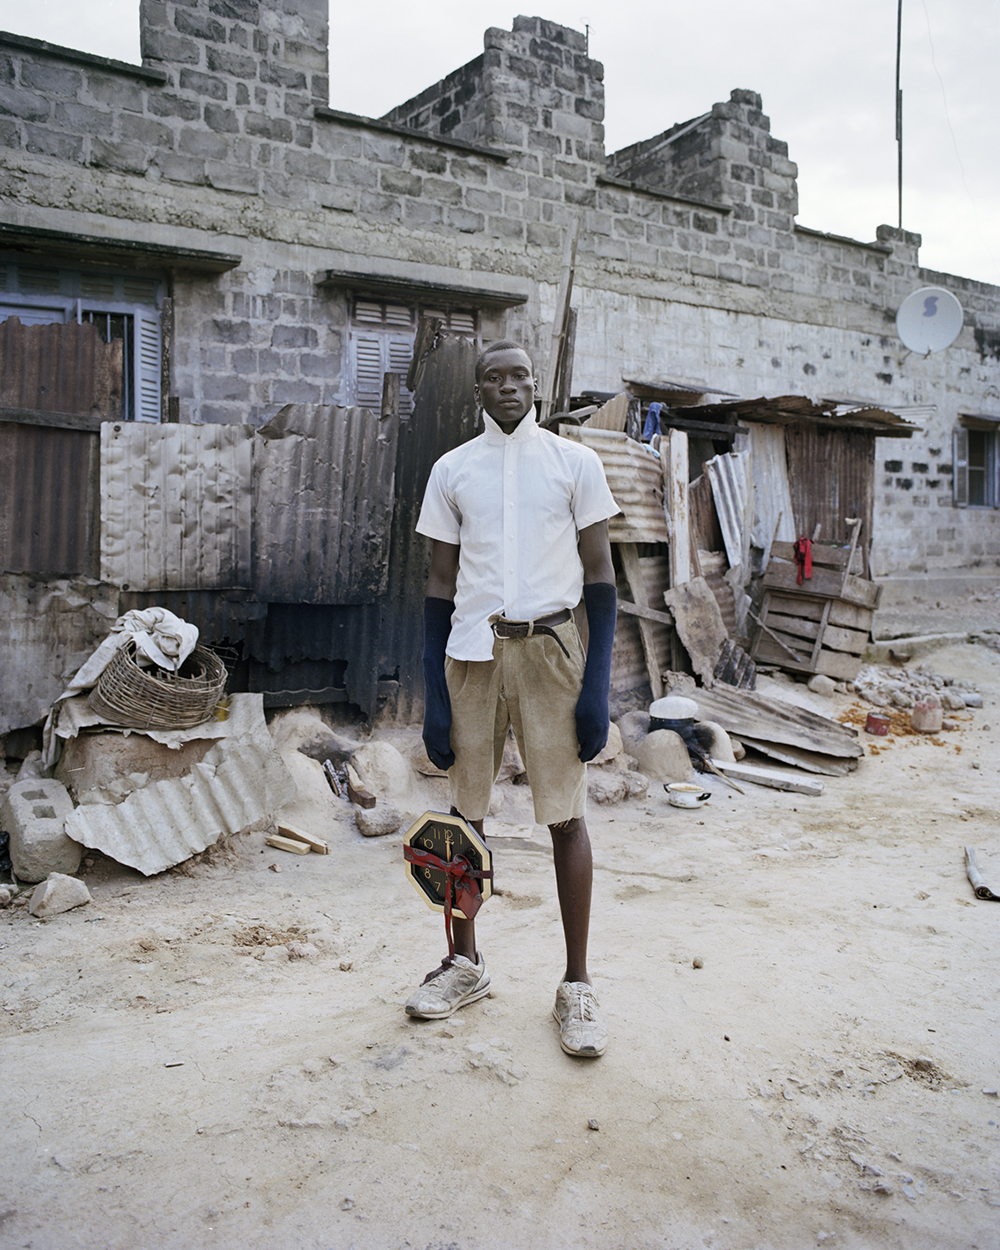 Please Don't Smile | Ritratti dal Ghana, Togo e Burkina Faso